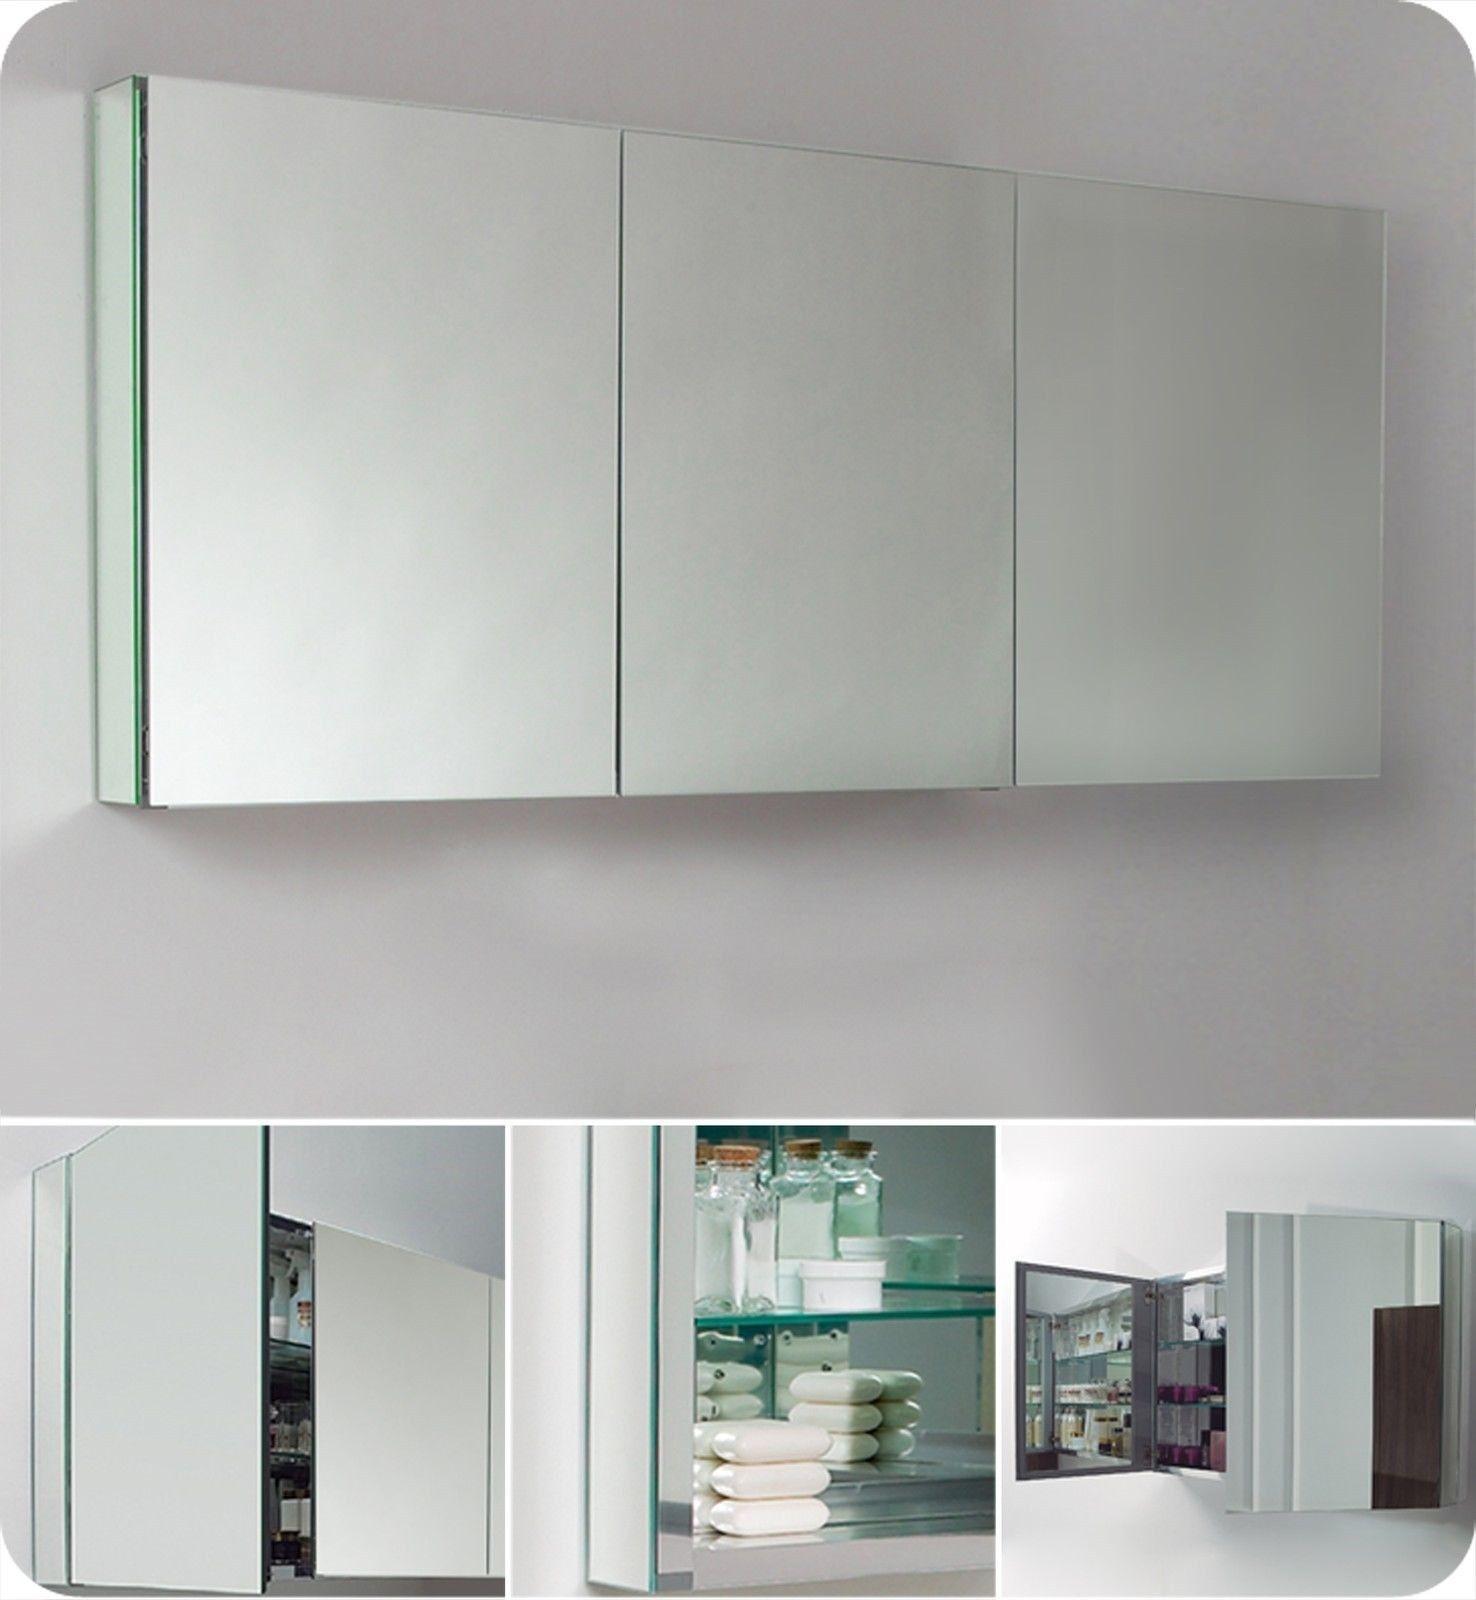 3 Door Mirrored Medicine Cabinet